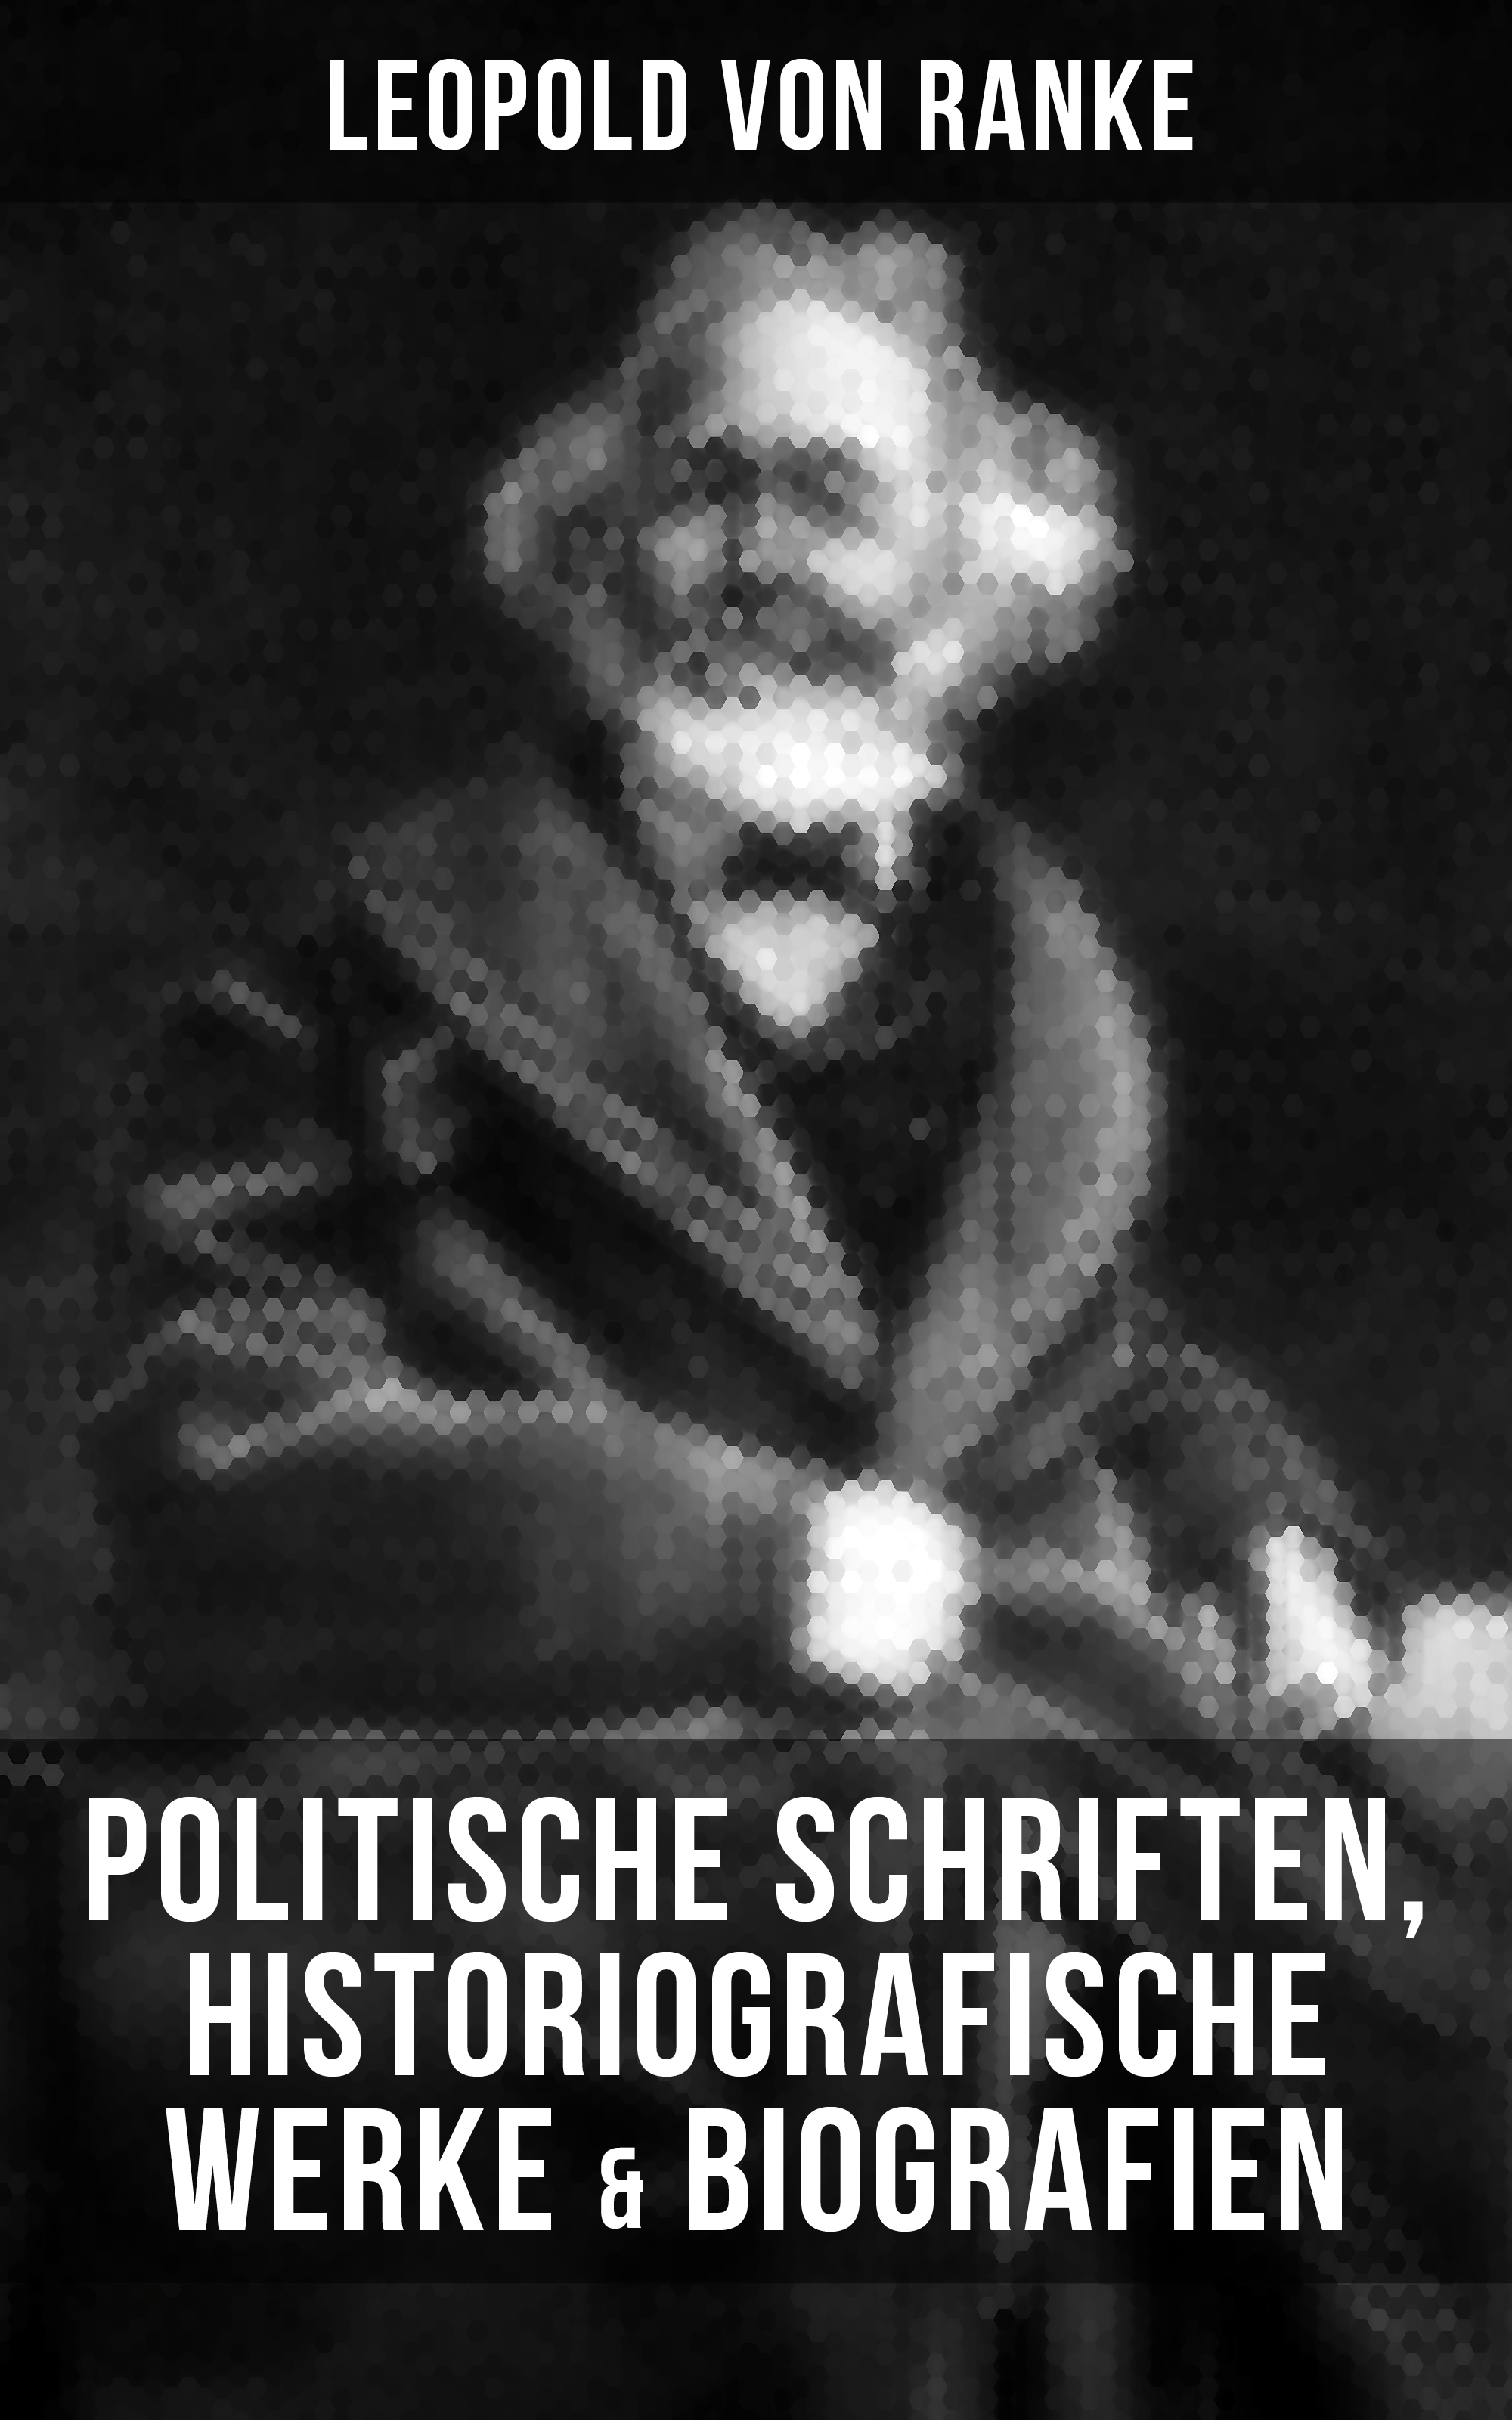 Leopold von Ranke Leopold von Ranke: Politische Schriften, Historiografische Werke & Biografien leopold von schroeder griechische gotter und heroen